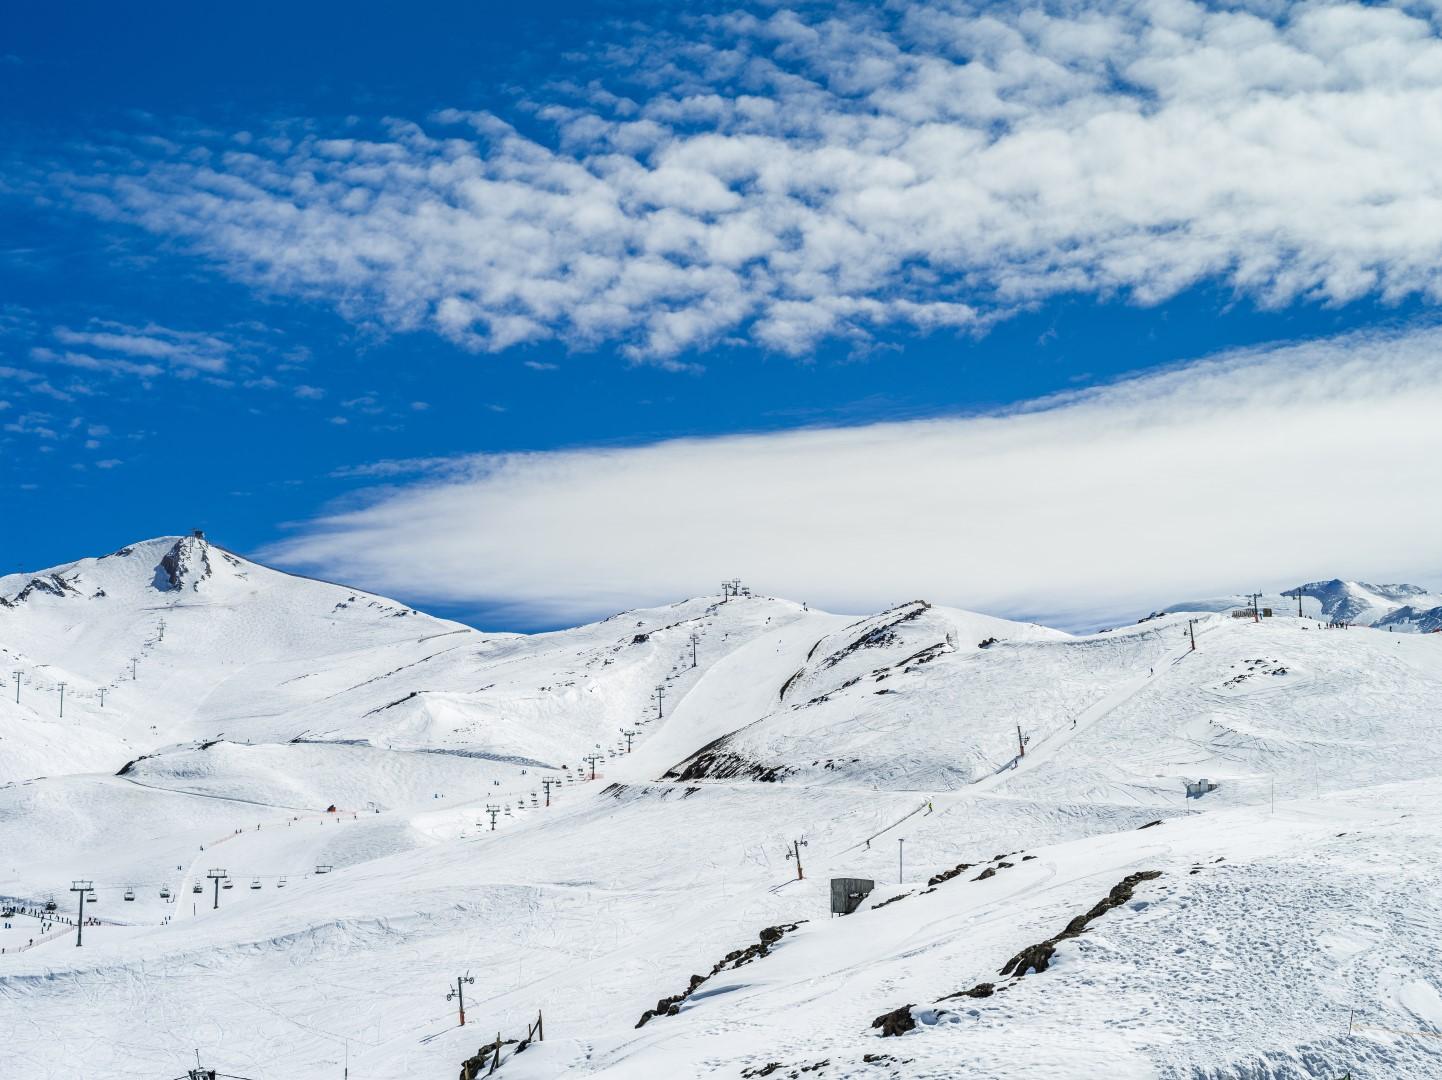 Temporada de invierno en Chile: Cae turismo proveniente de Brasil